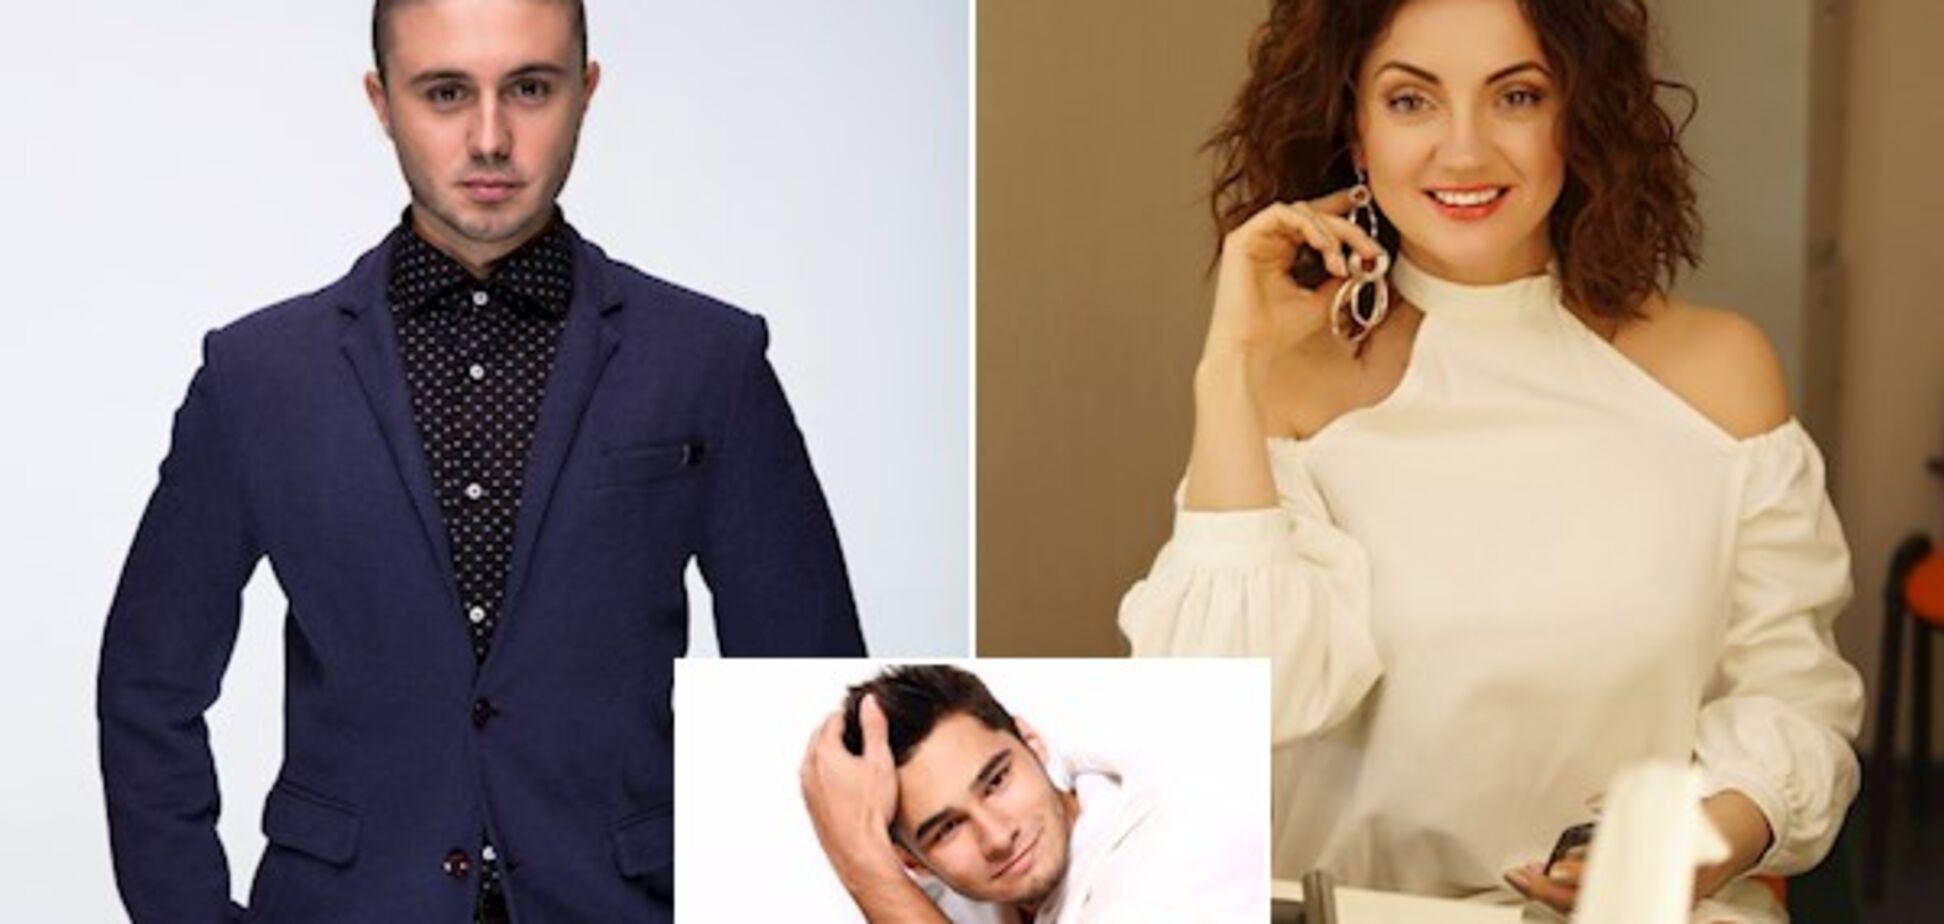 День закоханих: українські зірки про курйози, відчайдушні кроки та подарунки. Частина 2